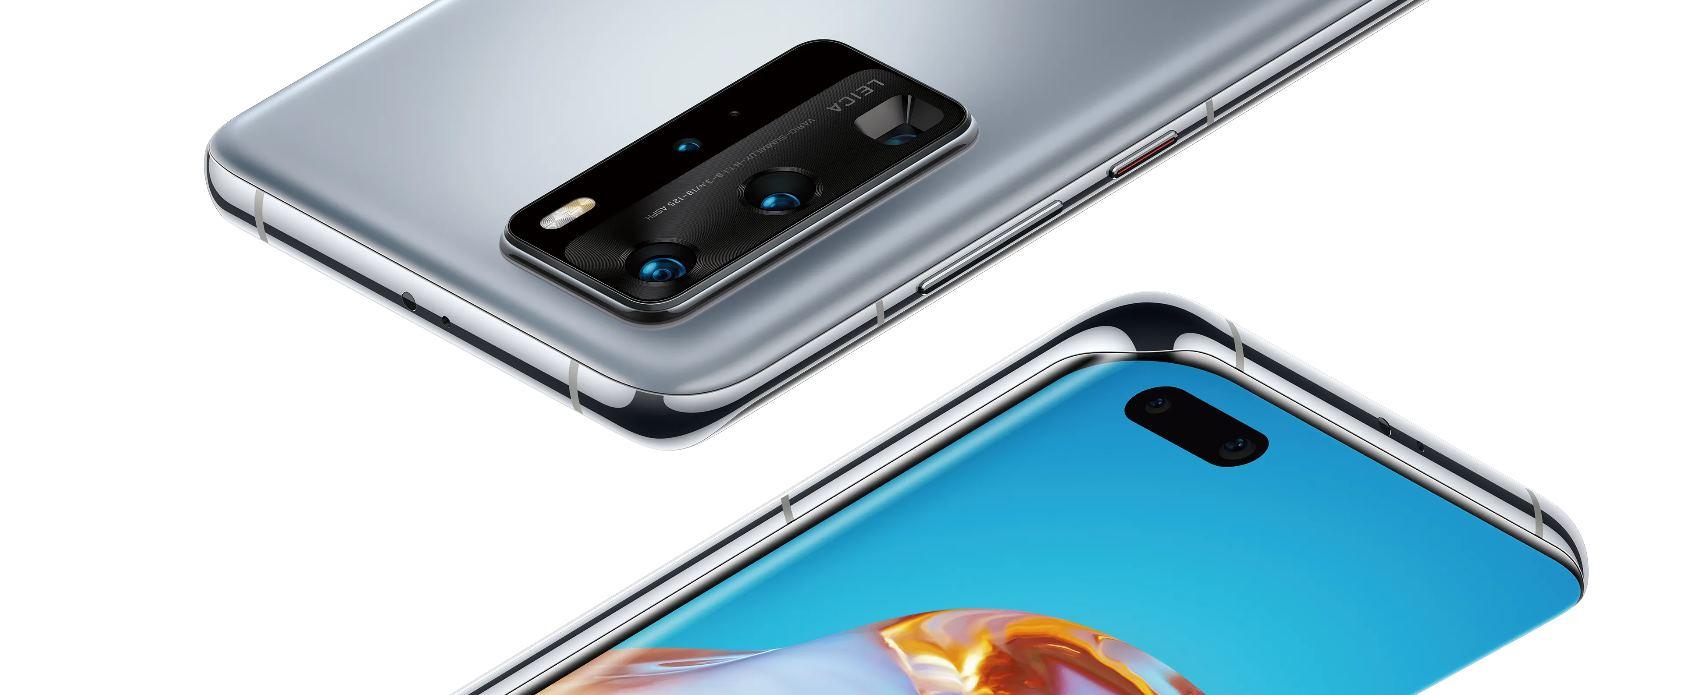 Sí se puede usar el Huawei P40 Pro como móvil principal, aunque no tenga Google